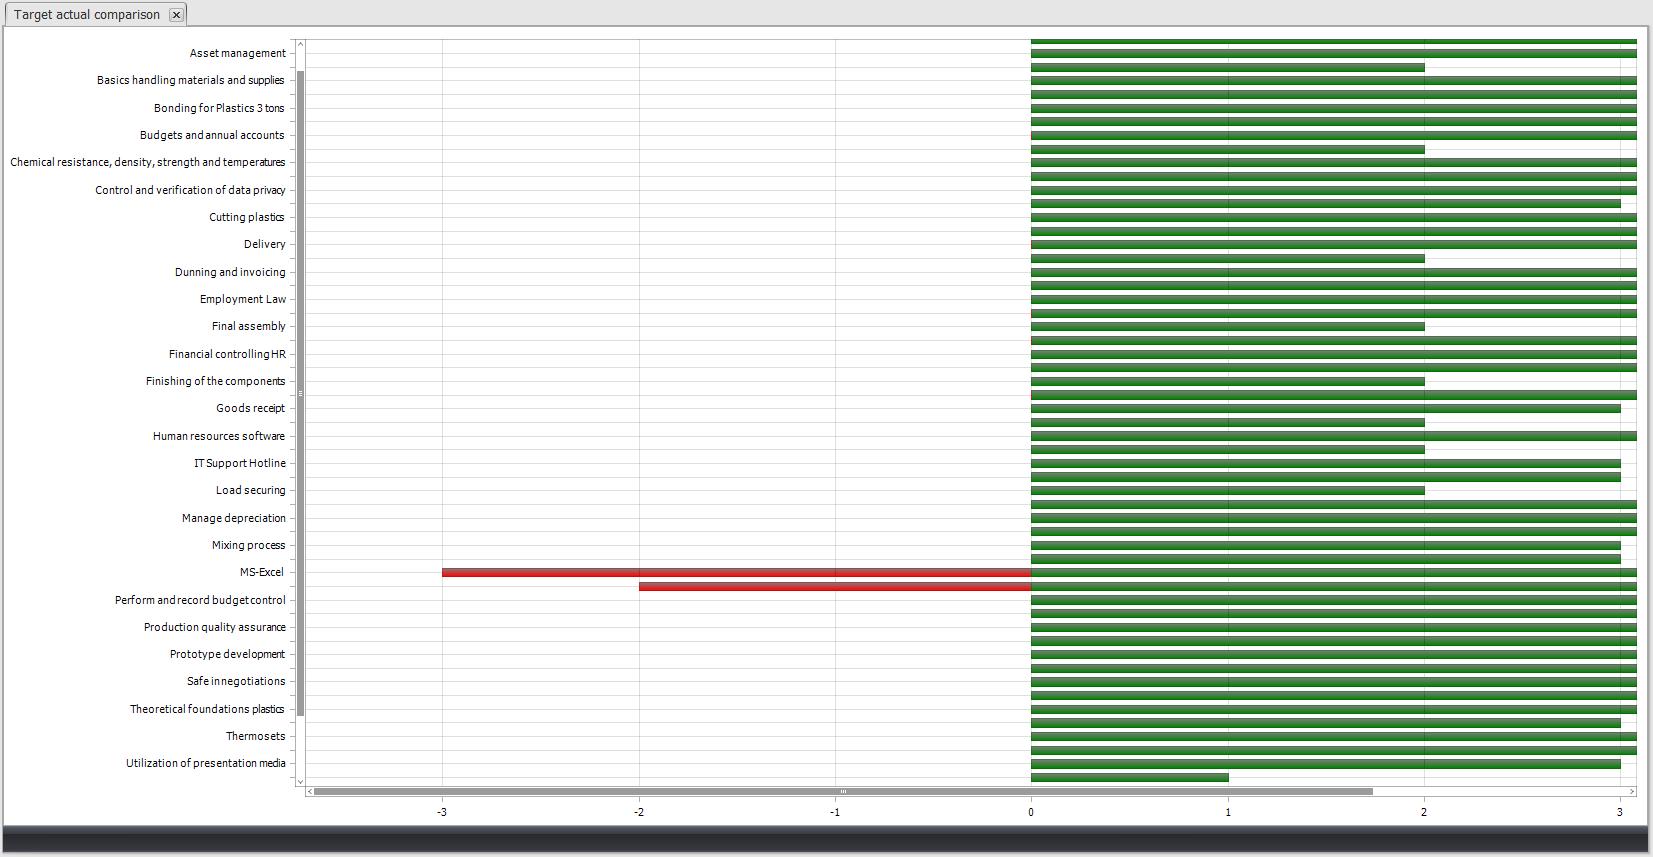 Target/Actual Comparison